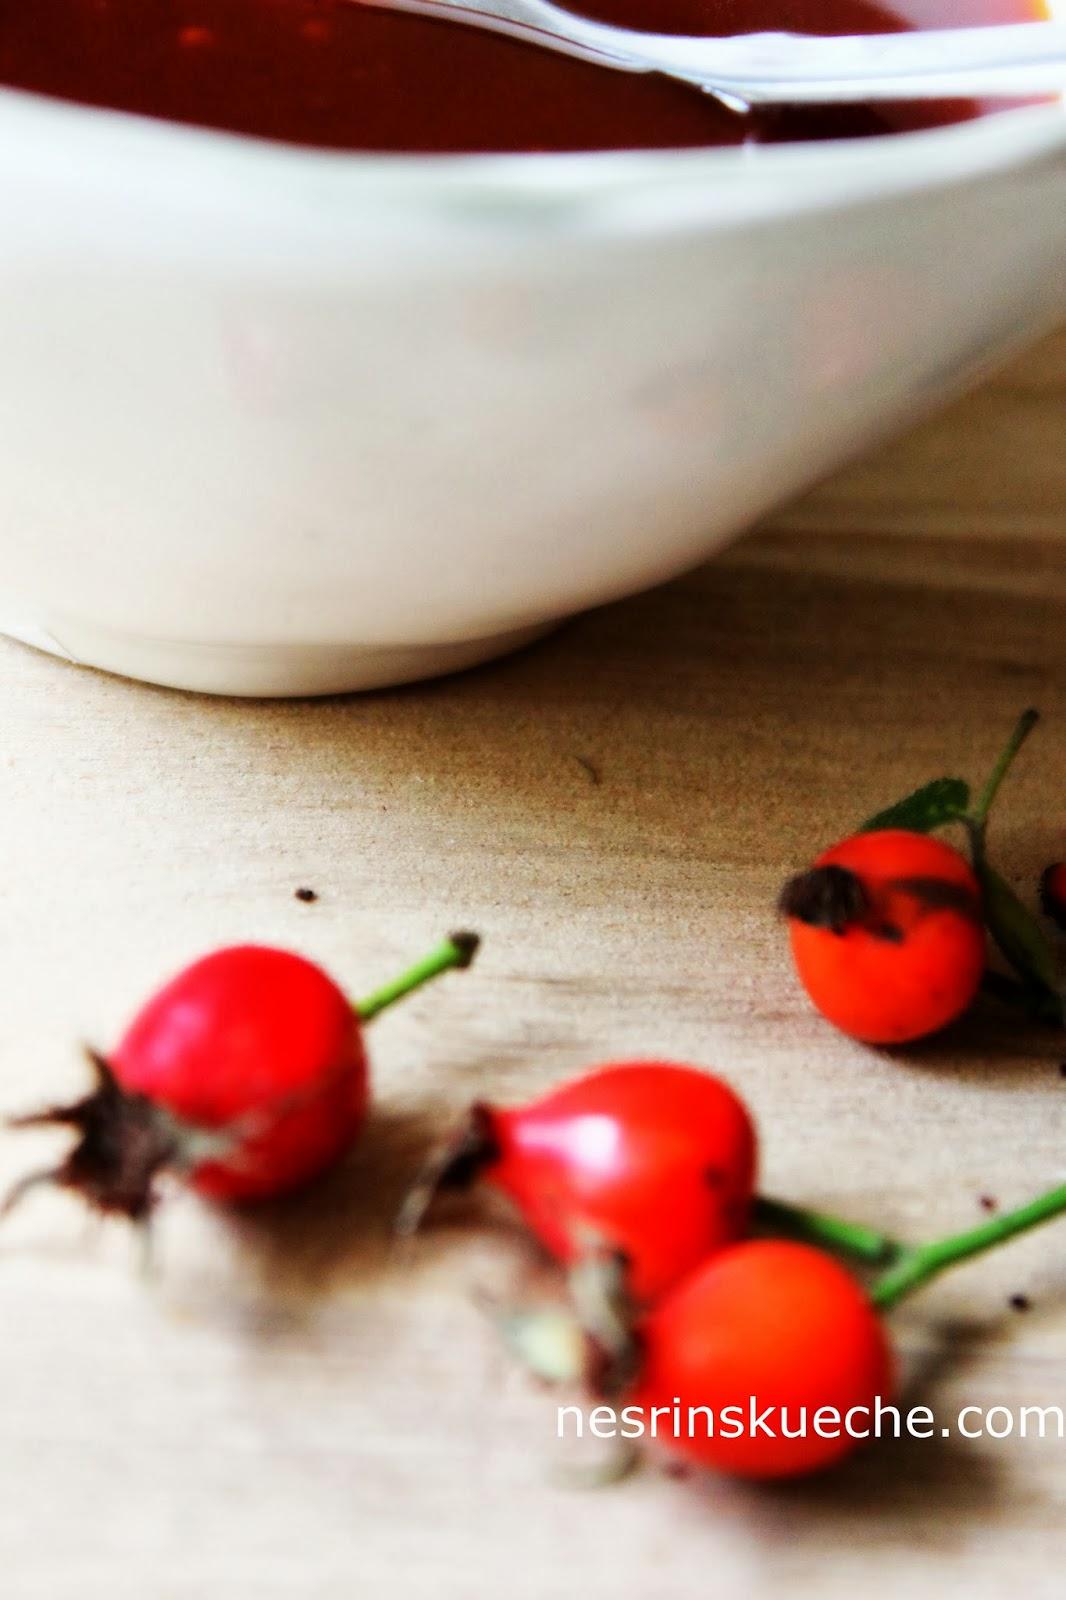 Nesrin's Küche: Kuşburnu Marmeladı / Hagebutten Marmelade